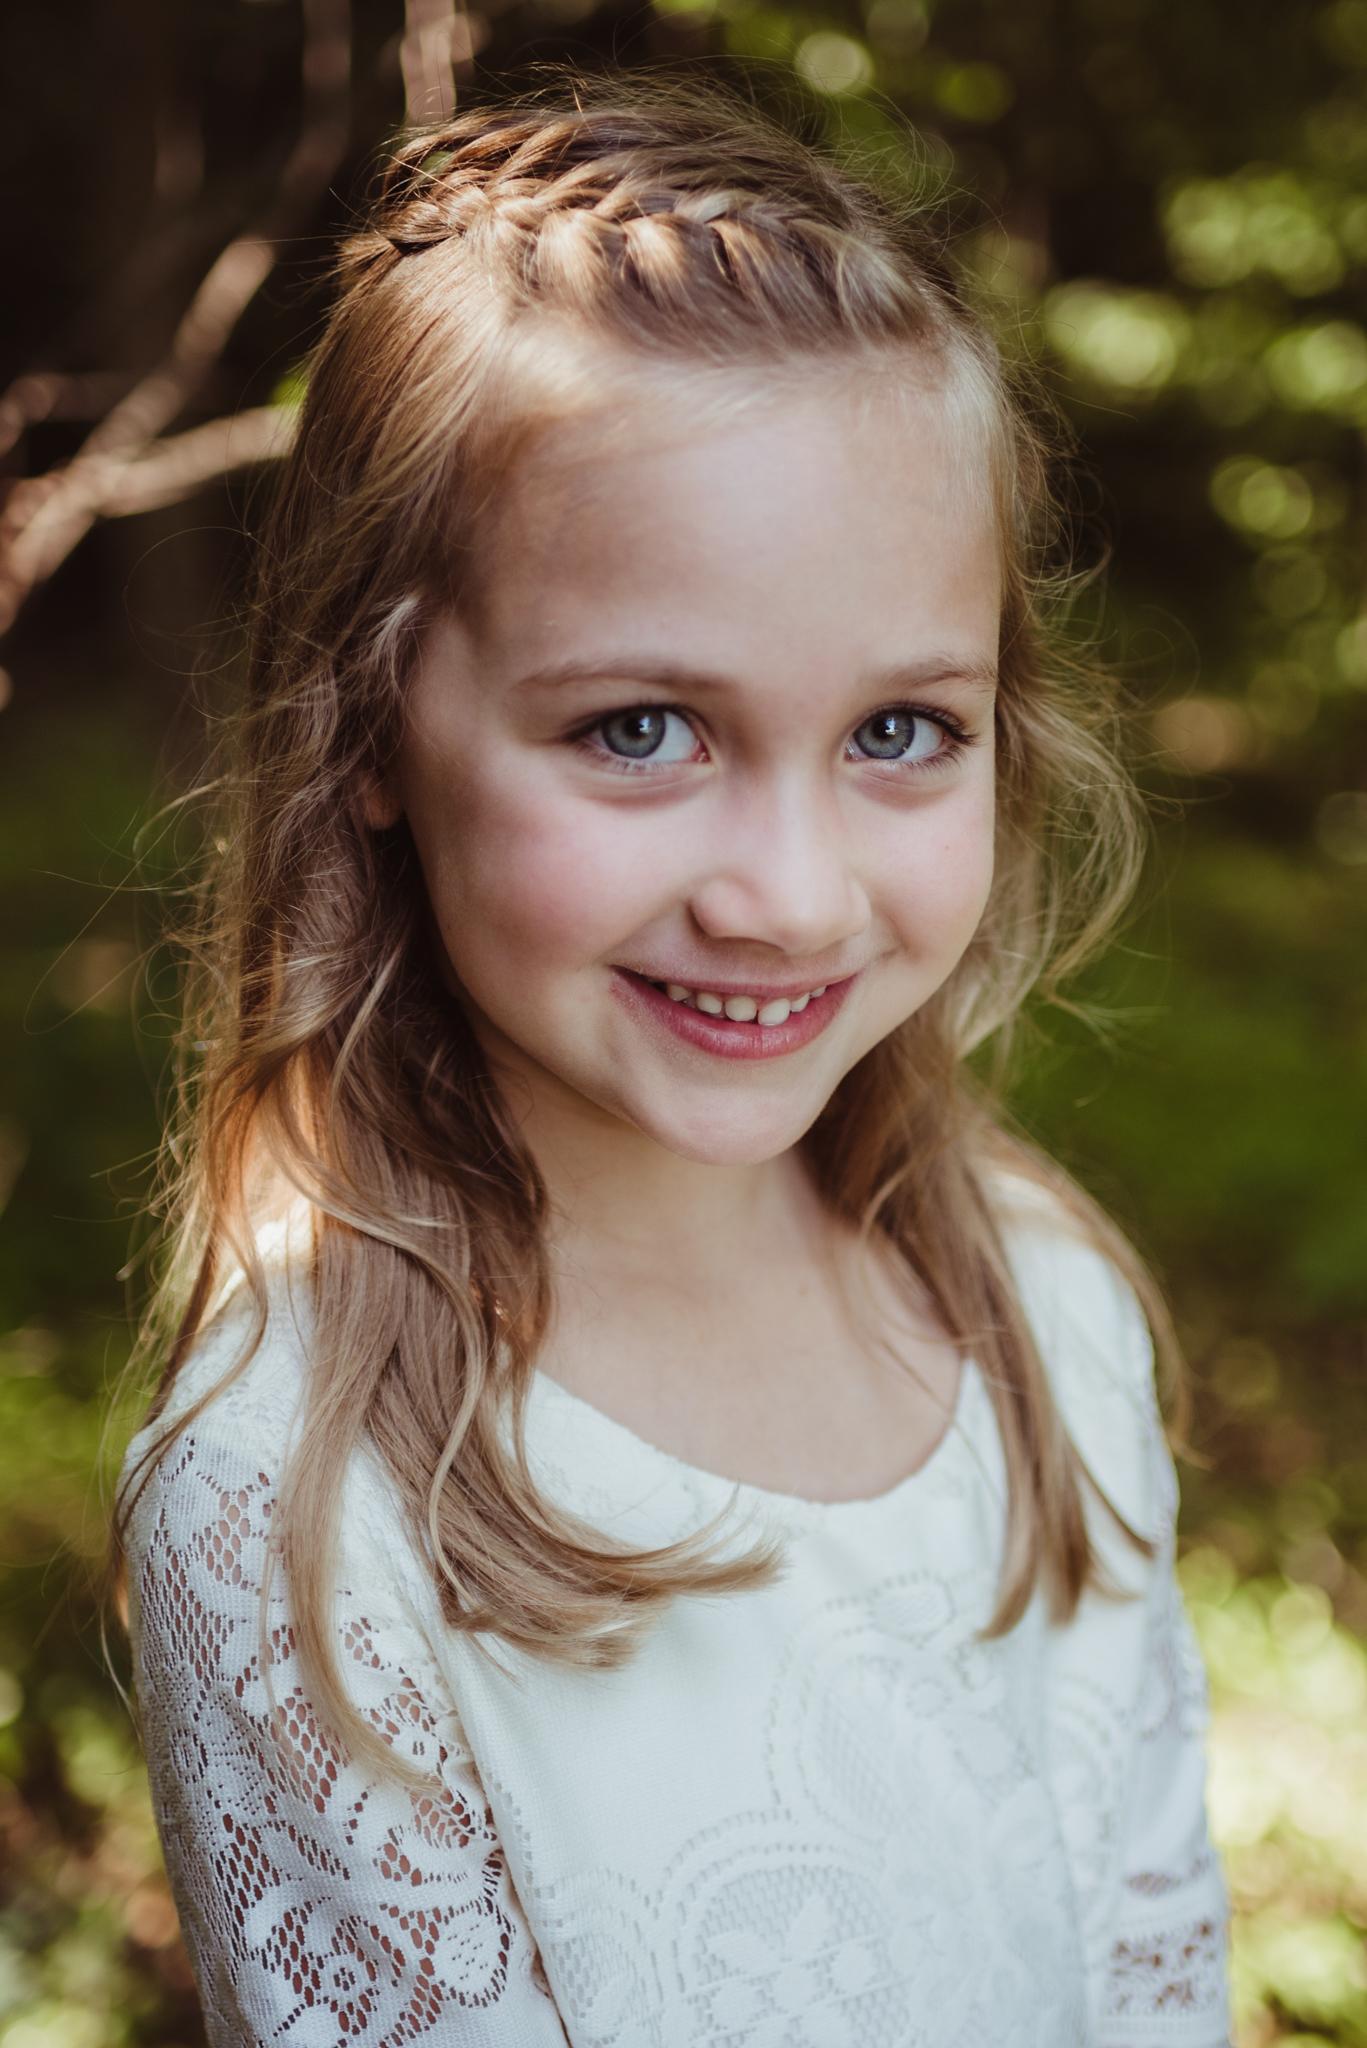 Wake Forest, HorseShoe Park, Madison's kid portrait